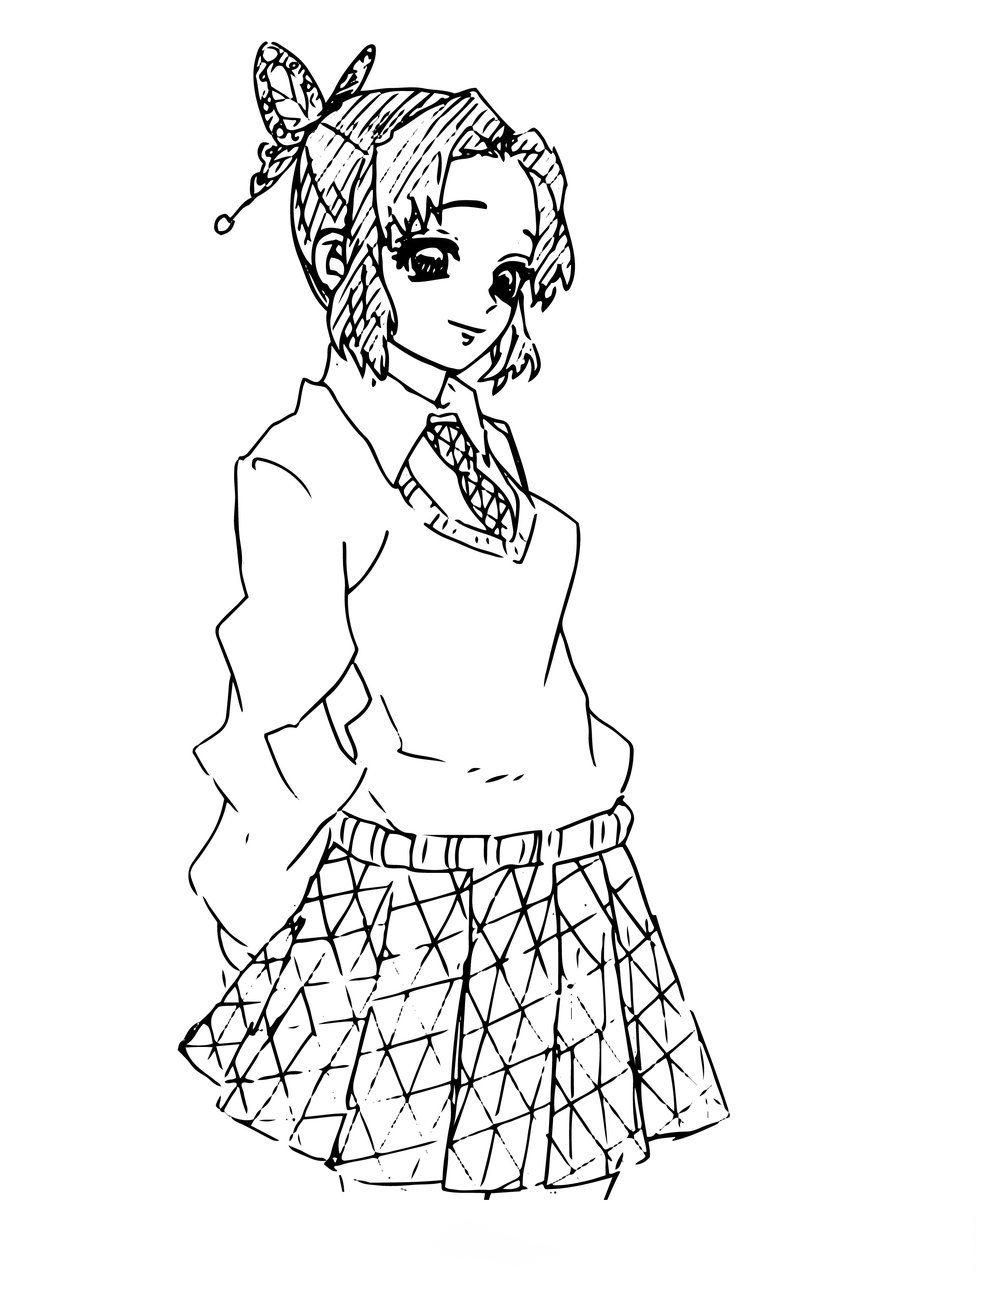 Nezuko Highschool girl Coloring Page